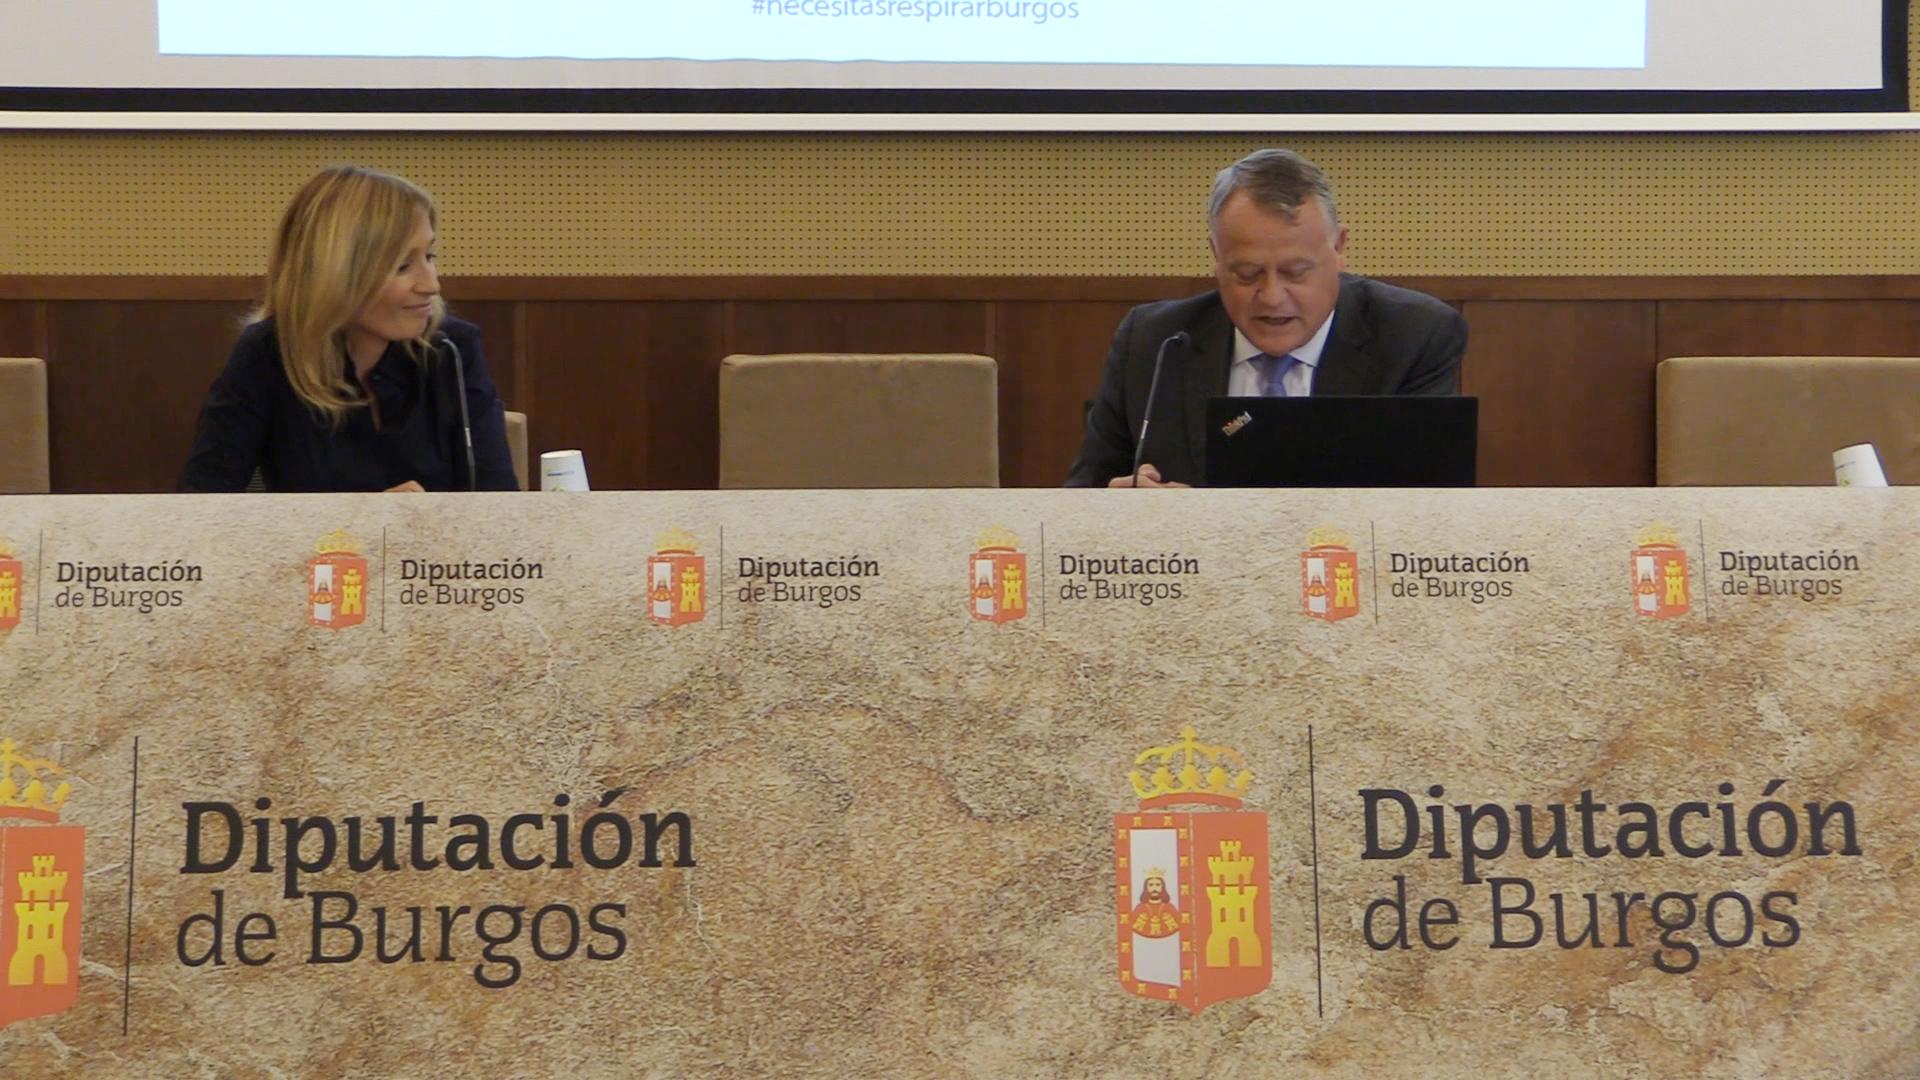 Lorenzo Rodríguez y la periodista Rocío Martínez anuncian la ganadora del concurso de microrrelatos Burgos Origen y Destino